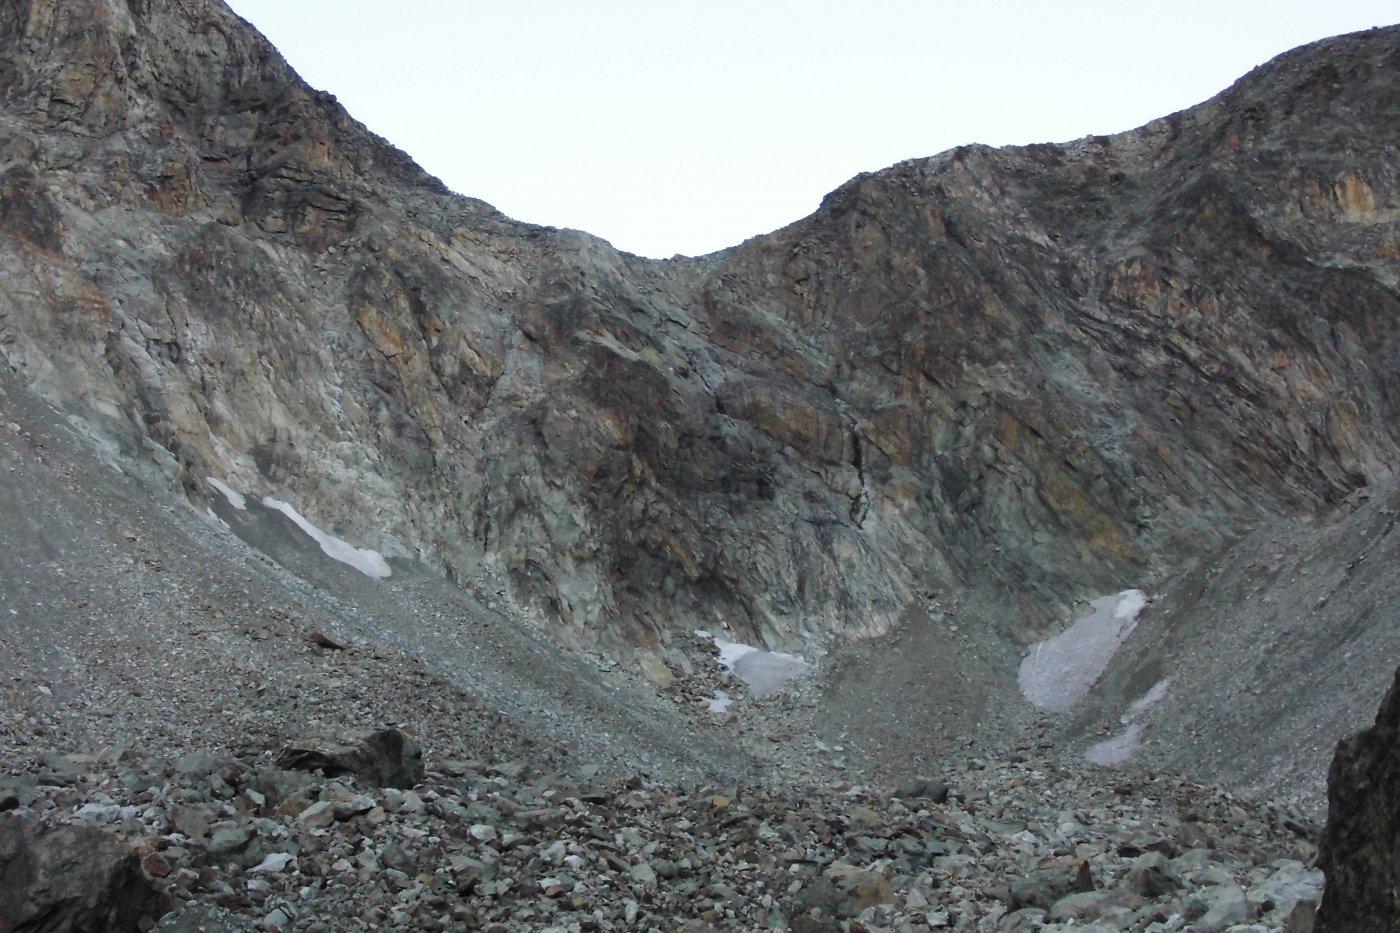 Colle d'Otemma, versante Italiano, il canale di salitainizia al culmine del conoide detritico compreso tra i due nevai,